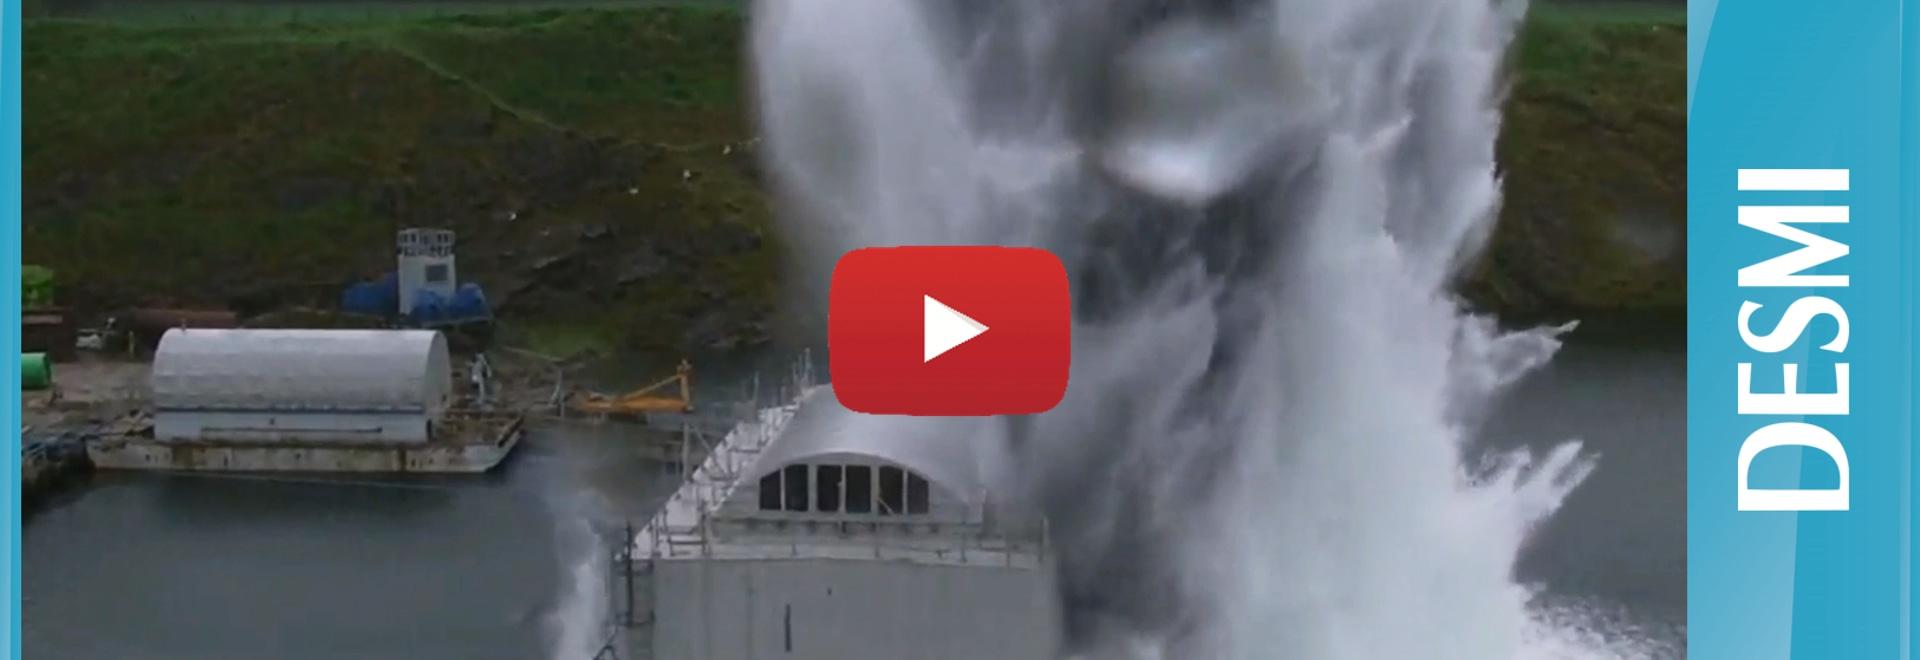 Live Shock Test of DESMI Pumps